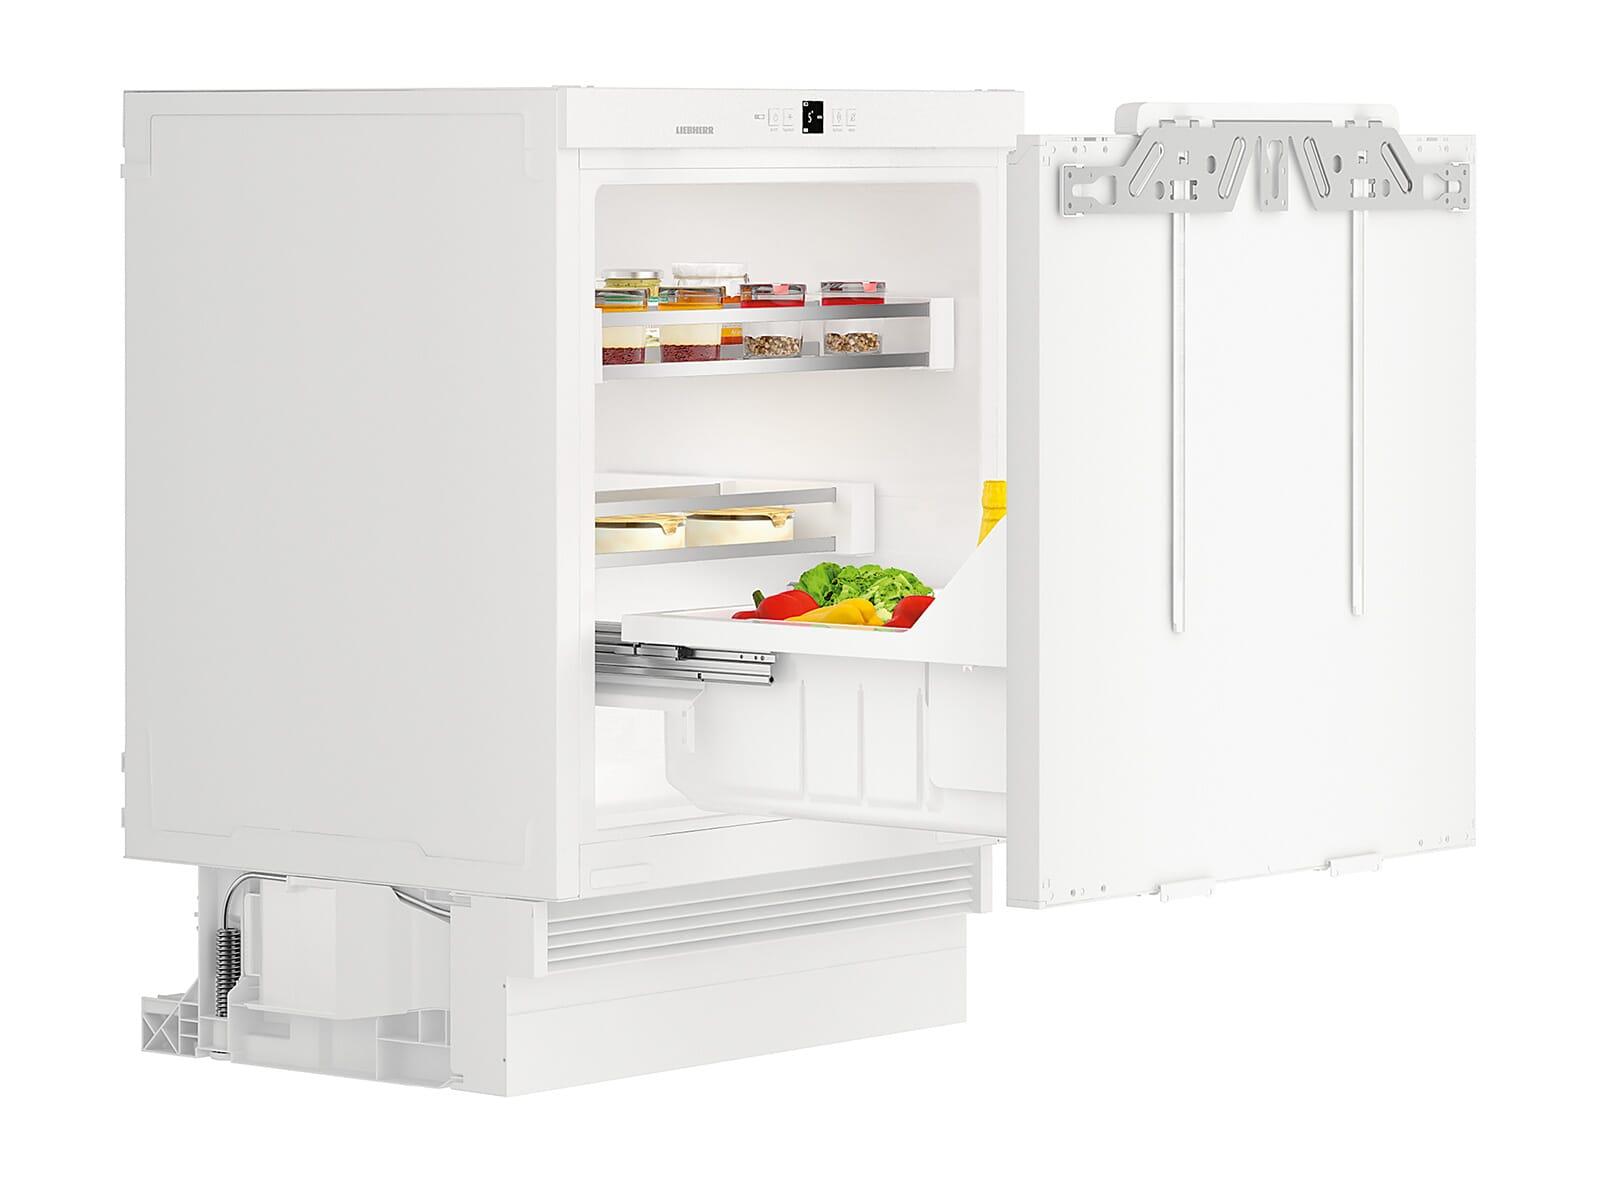 Smeg Kühlschrank 55 Cm : Liebherr uiko 1550 premium unterbaukühlschrank mit auszugswagen a